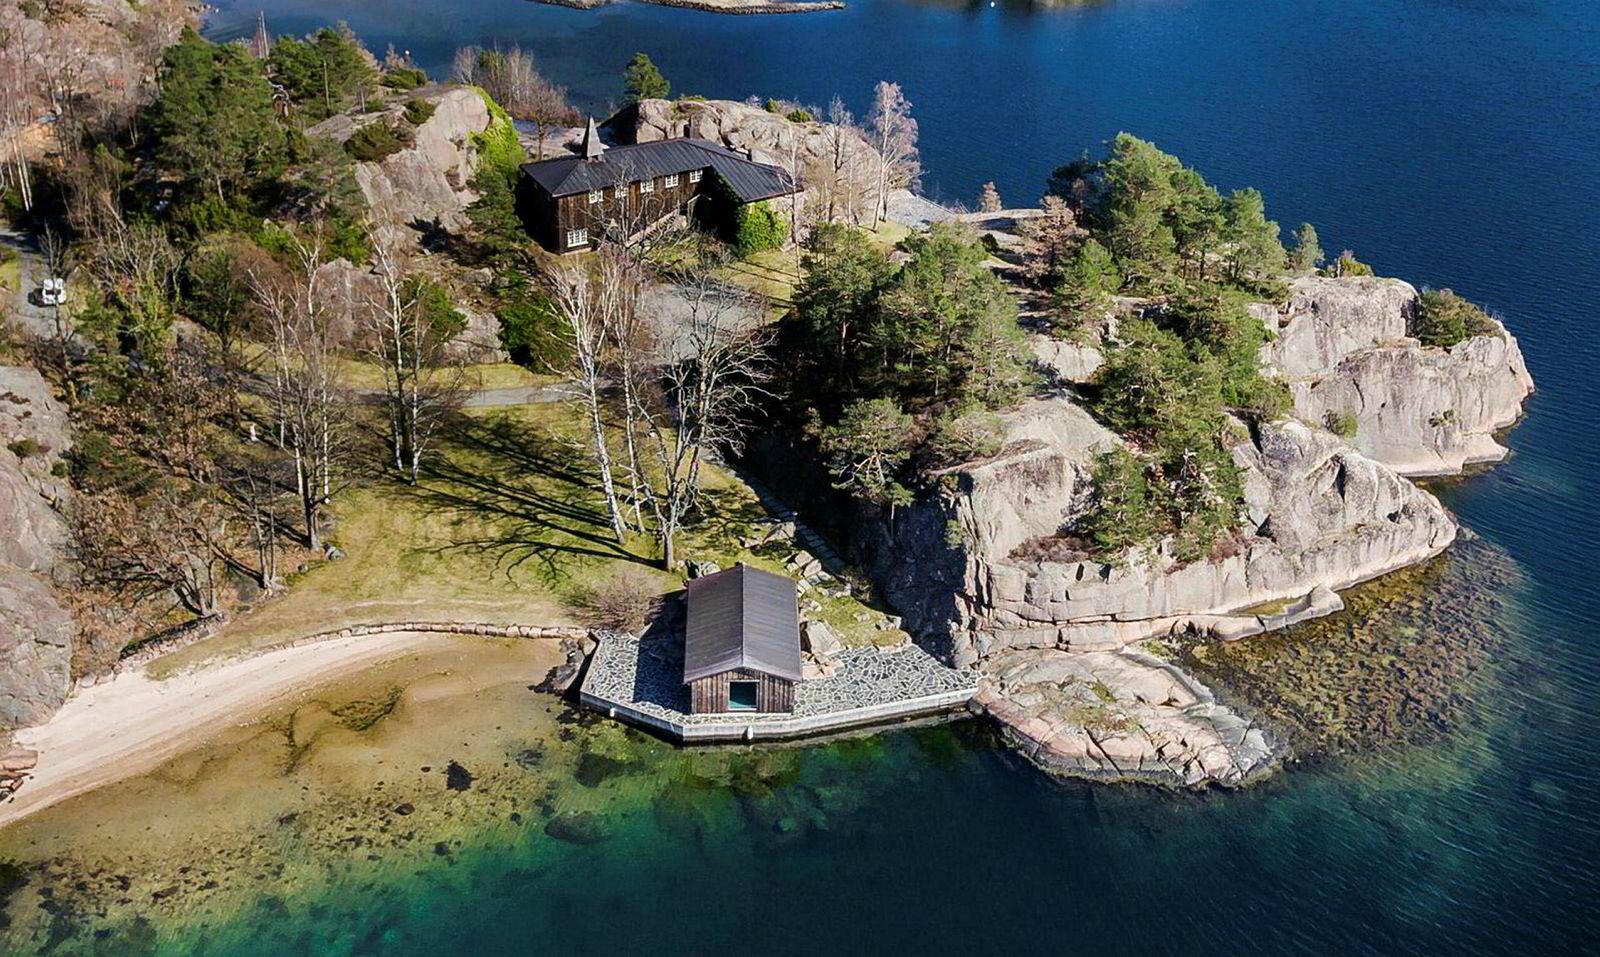 «Slottet» ble bygget til operasangeren Fanny Elsta på 50-tallet, men ble solgt et noen år senere, visstnok fordi nærheten til Grimstads søppelplass var ugunstig for Elstas stemme.